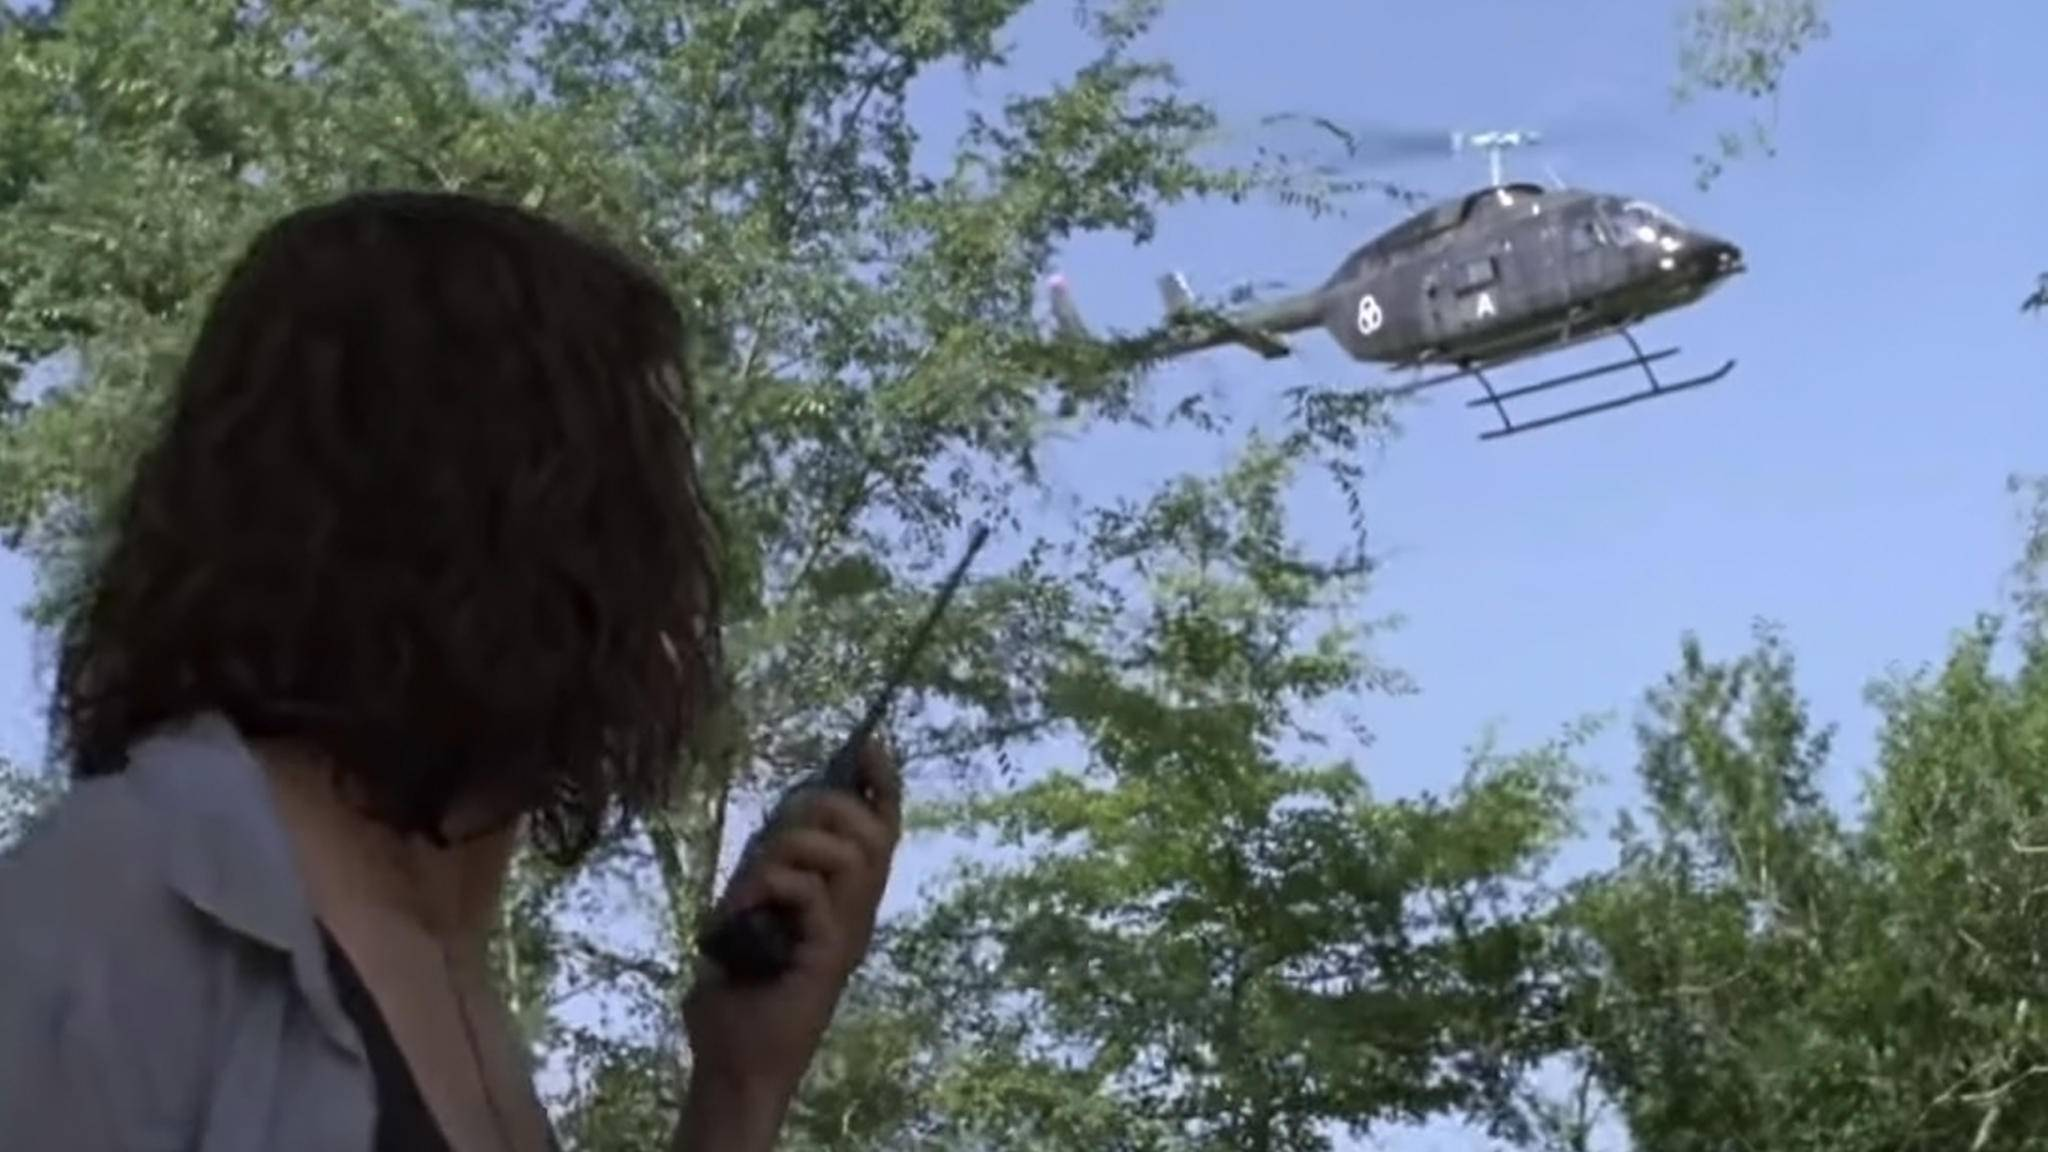 """In Staffel 9 von """"The Walking Dead"""" spielt der Helikopter wohl eine wichtige Rolle."""